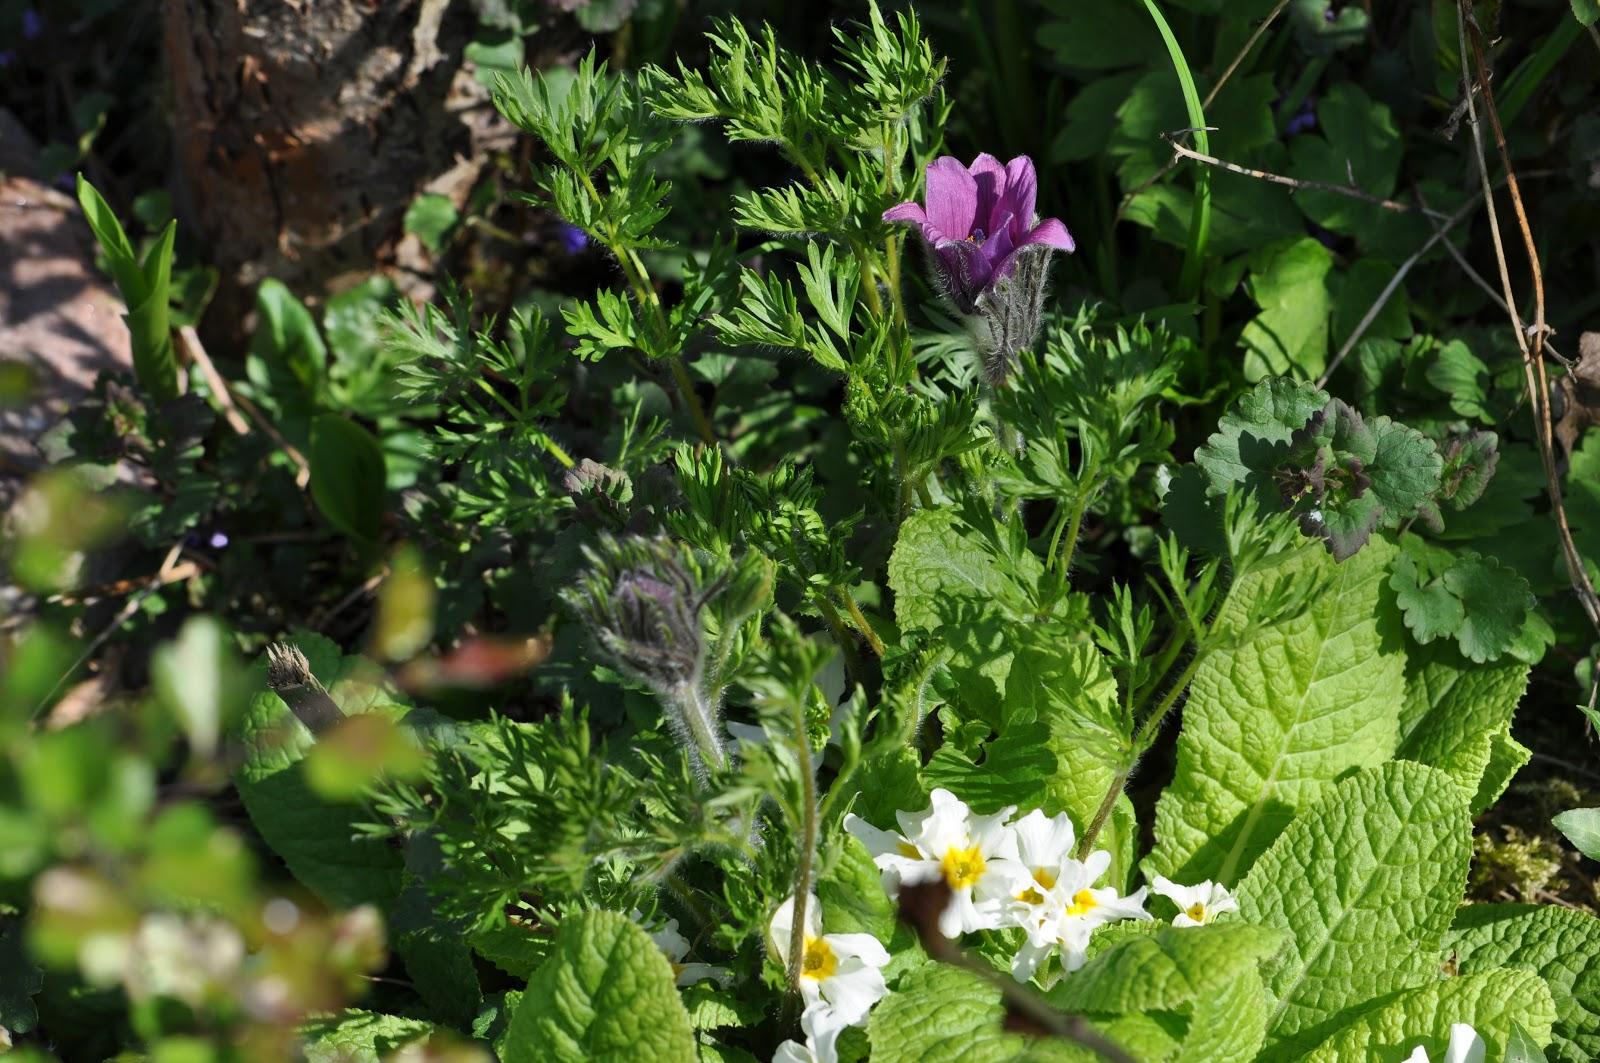 Jardin de la sauvagine protection des rocailles fleurs for Au jardin des fleurs